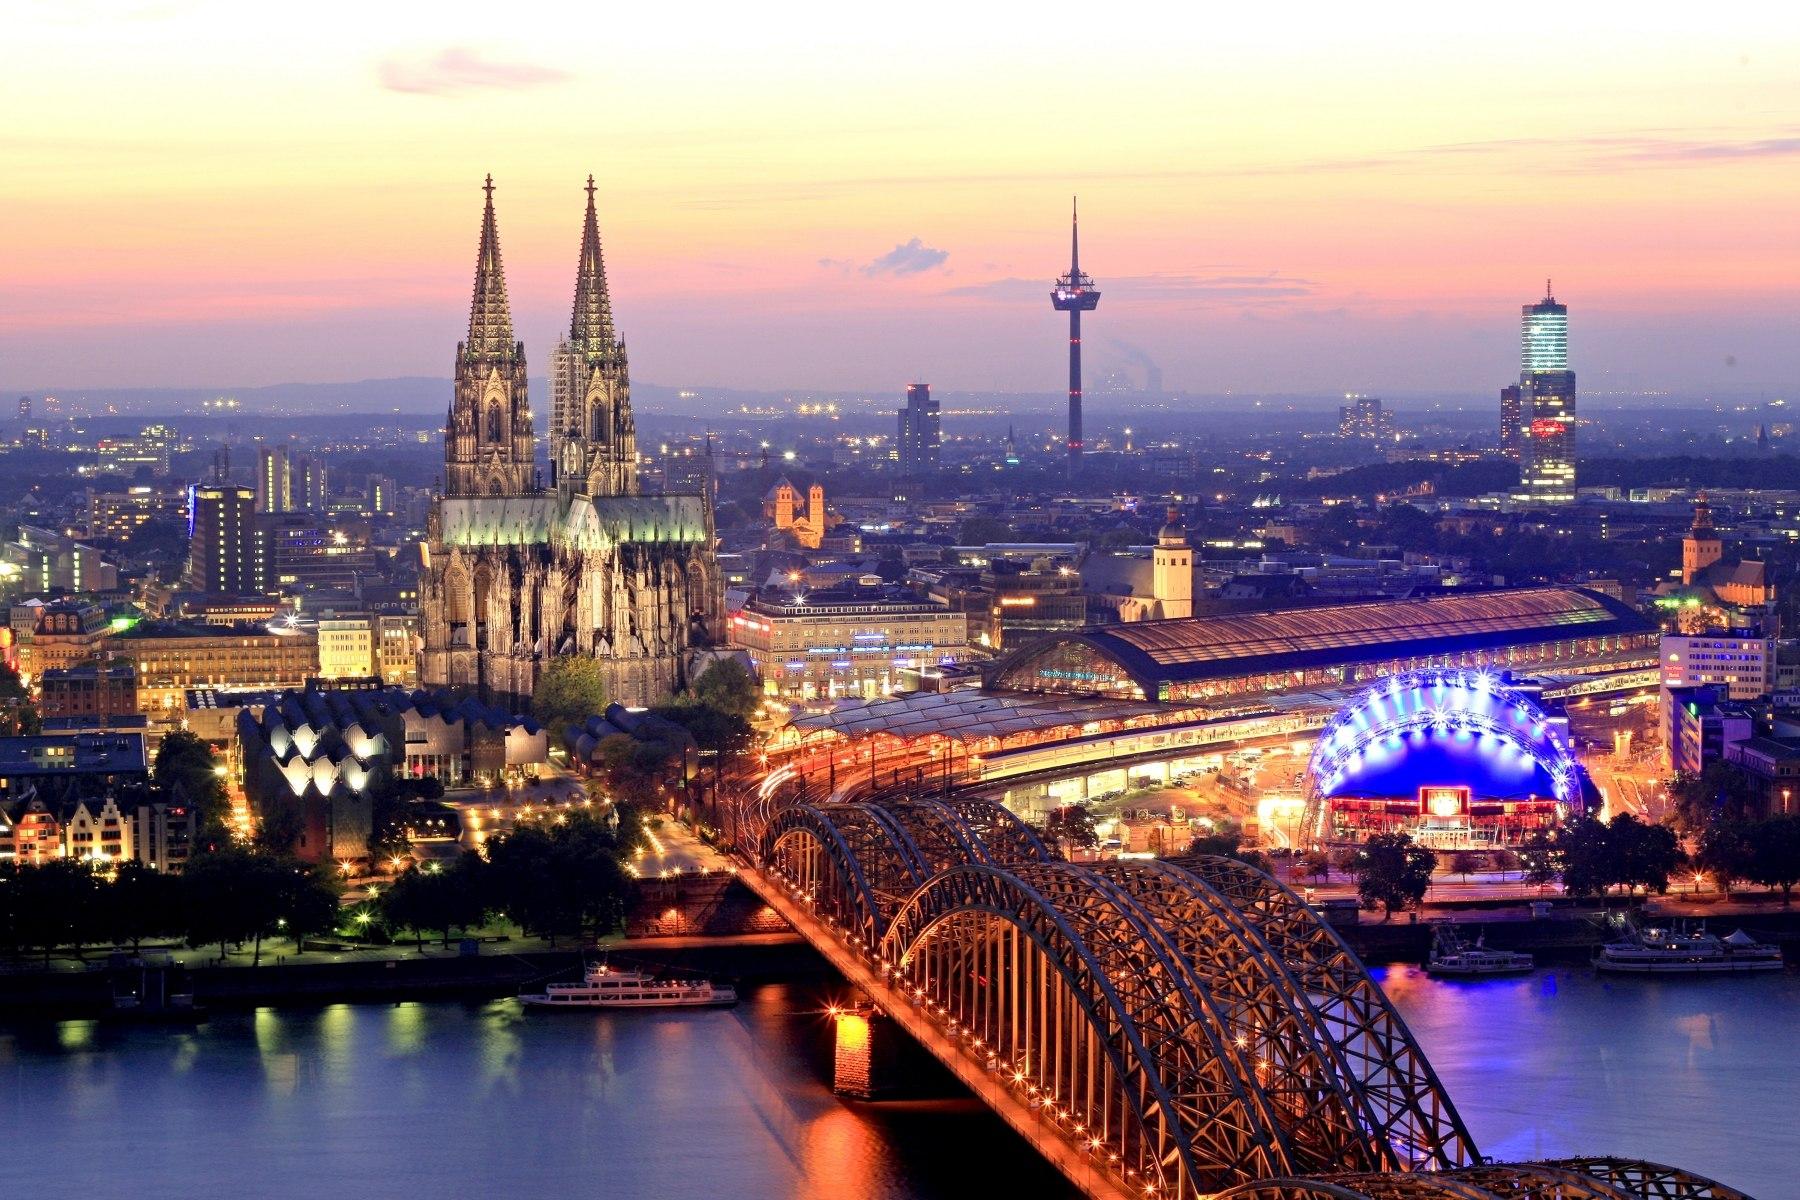 Вечерняя панорама центральной части австрийской столицы